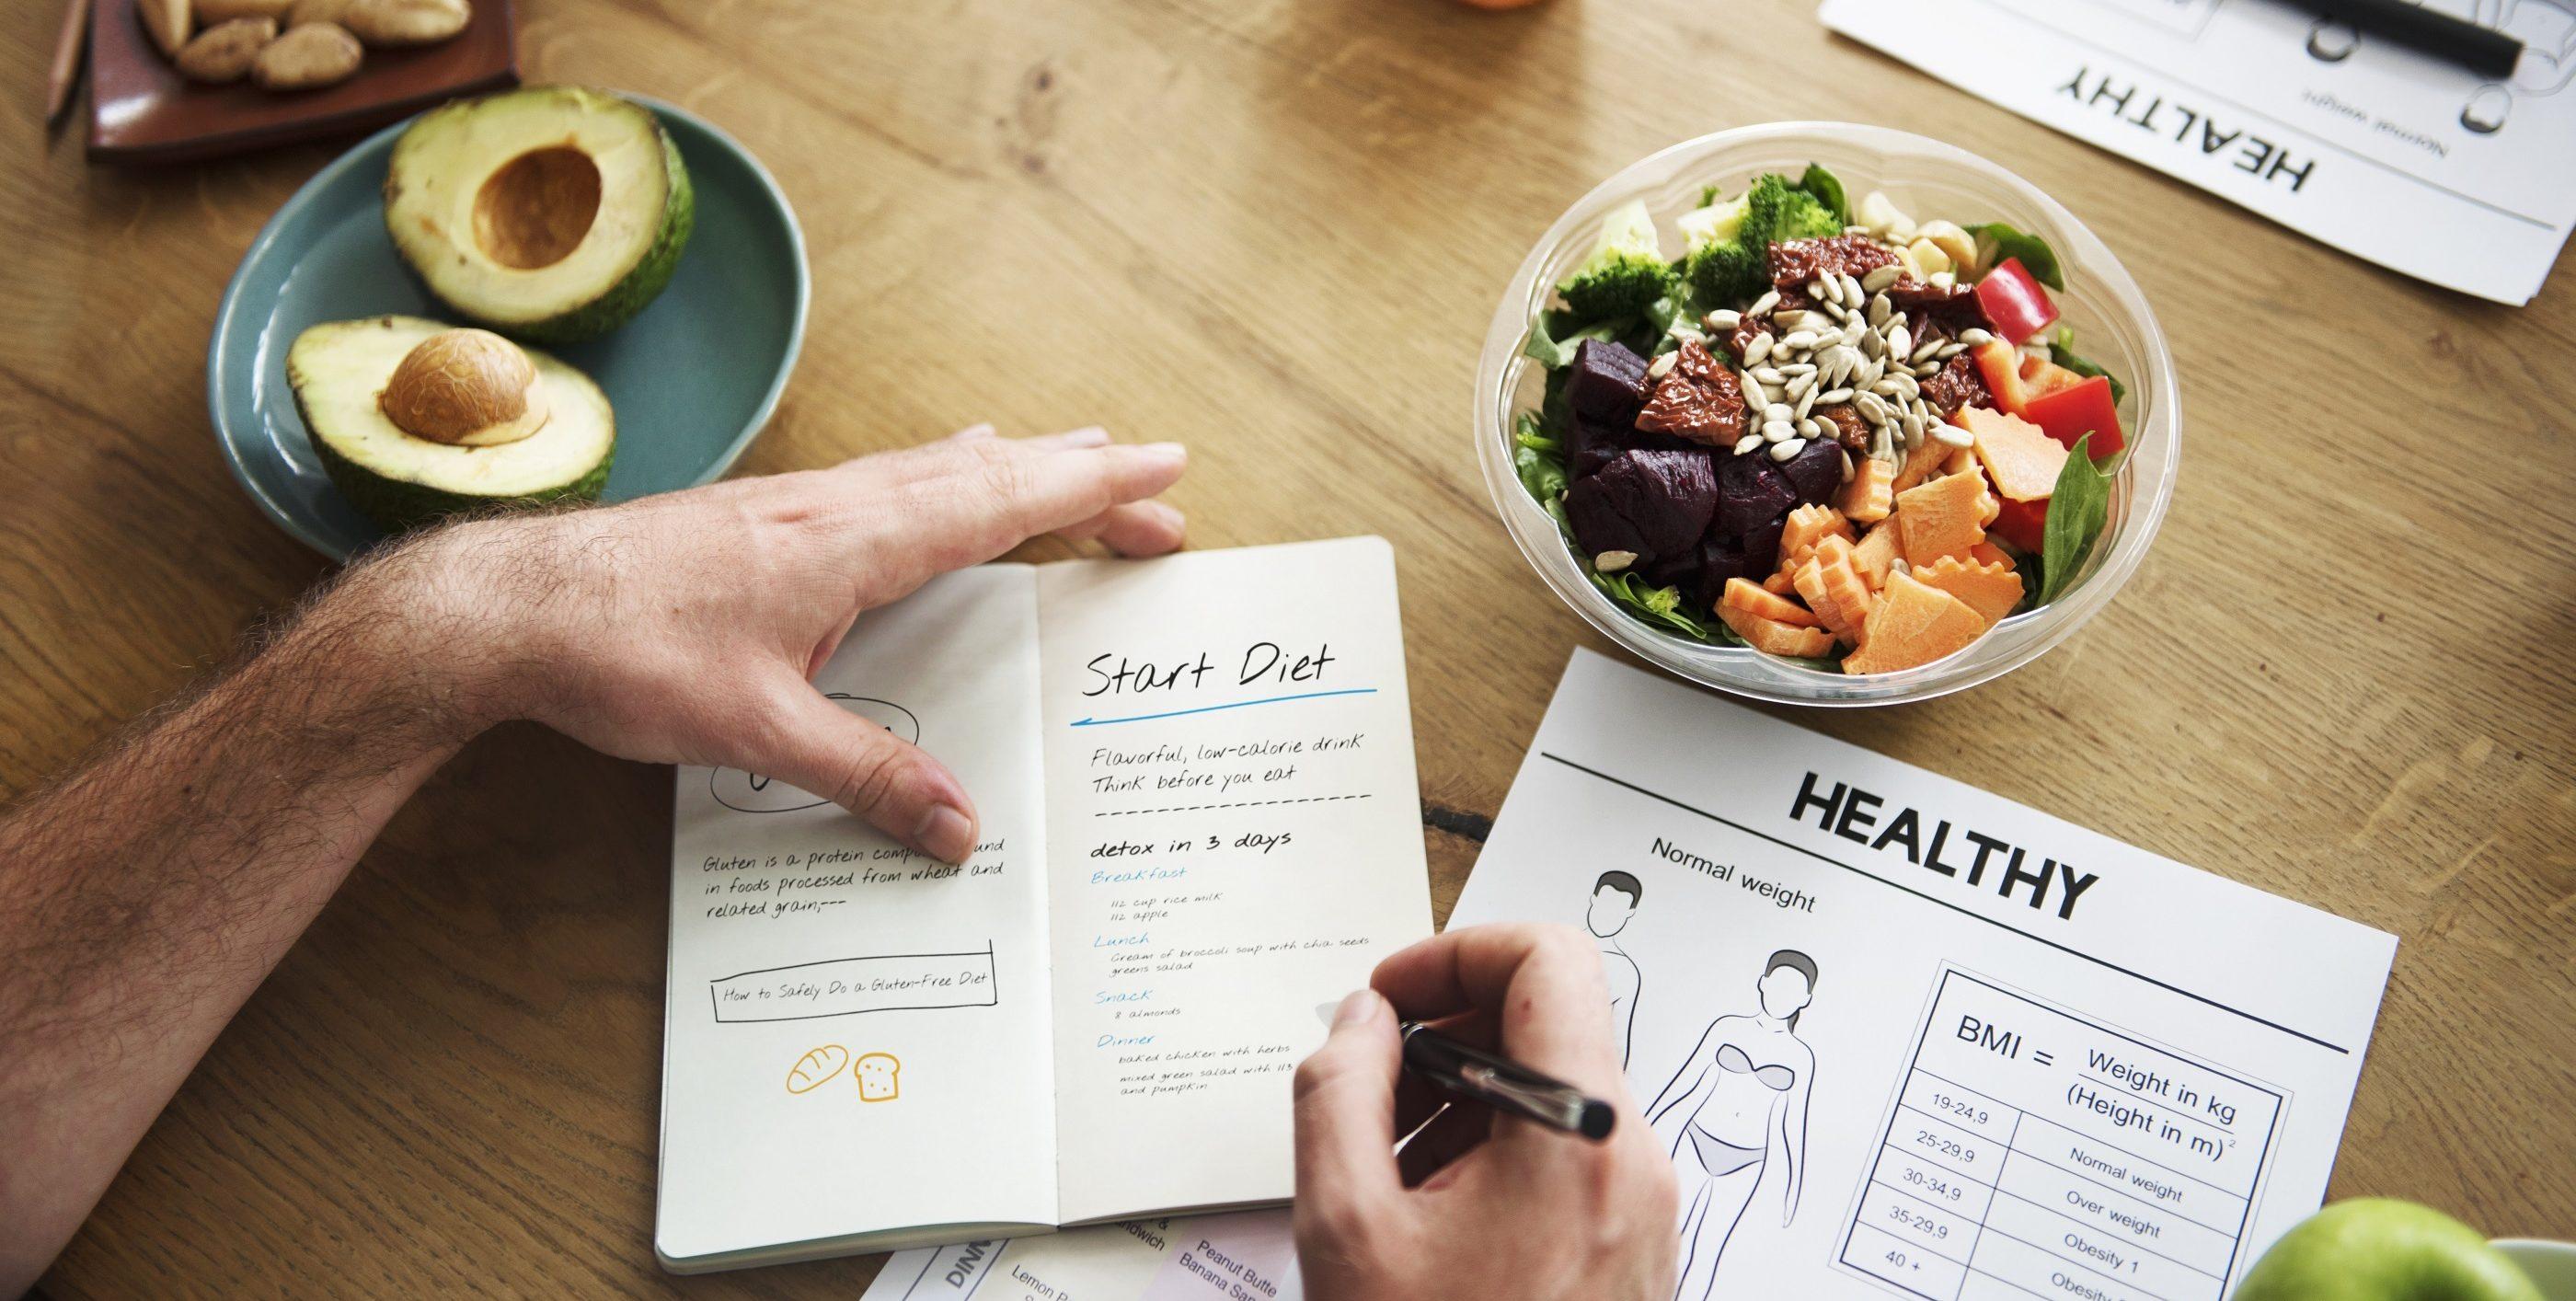 dieta metabolismo acelerado haylie pomroy - ¿Qué es?